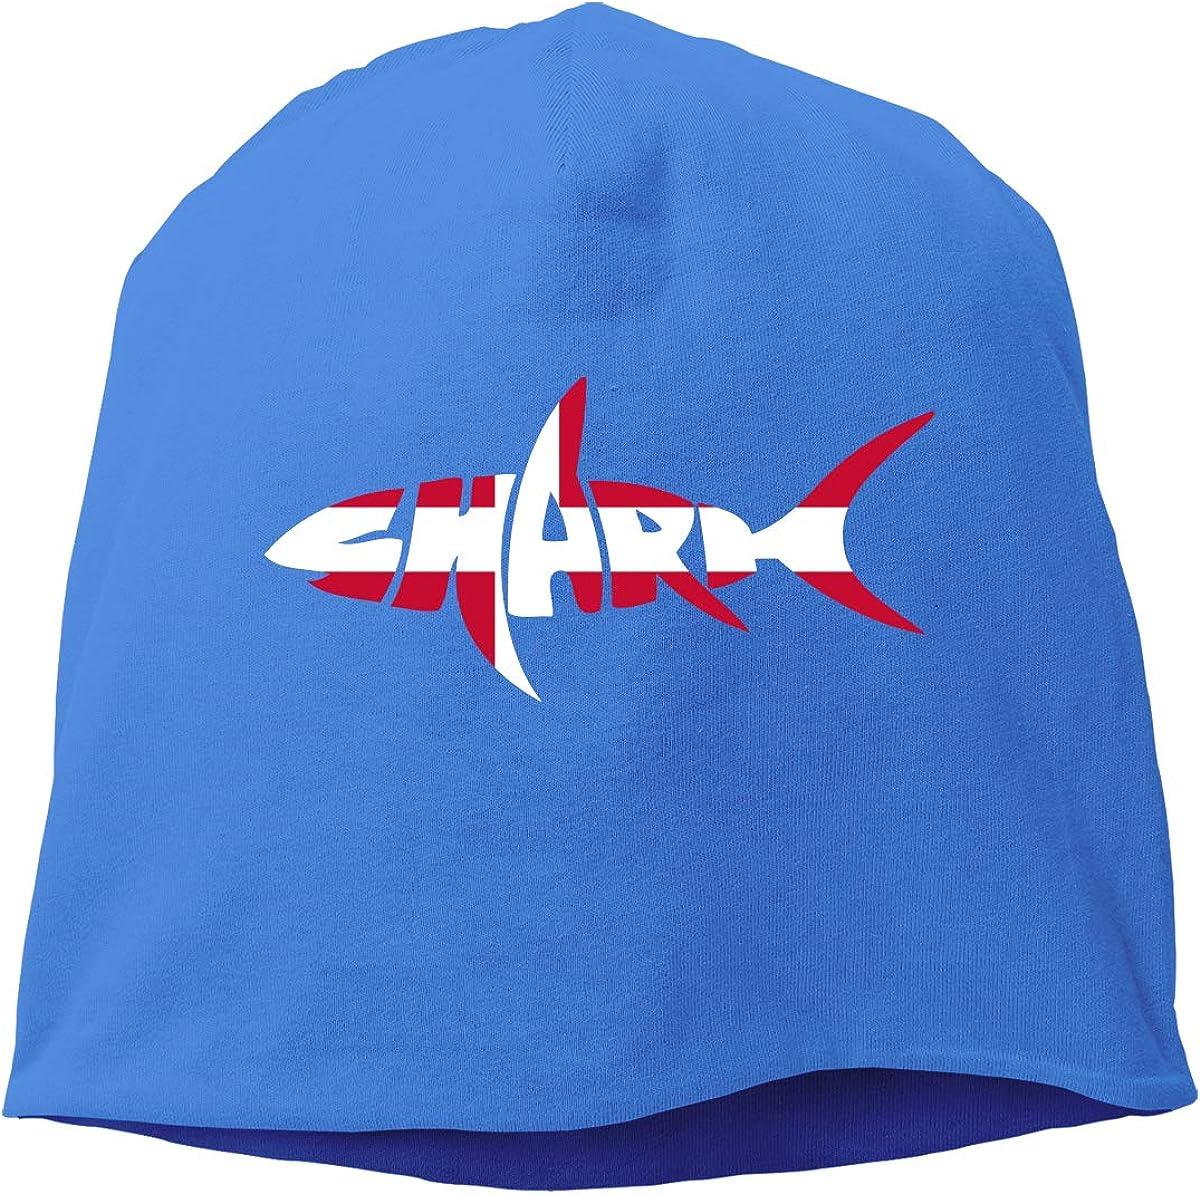 Denmark Flag Shark Letter Beanie Skull Cap for Women and Men Winter Warm Daily Hat